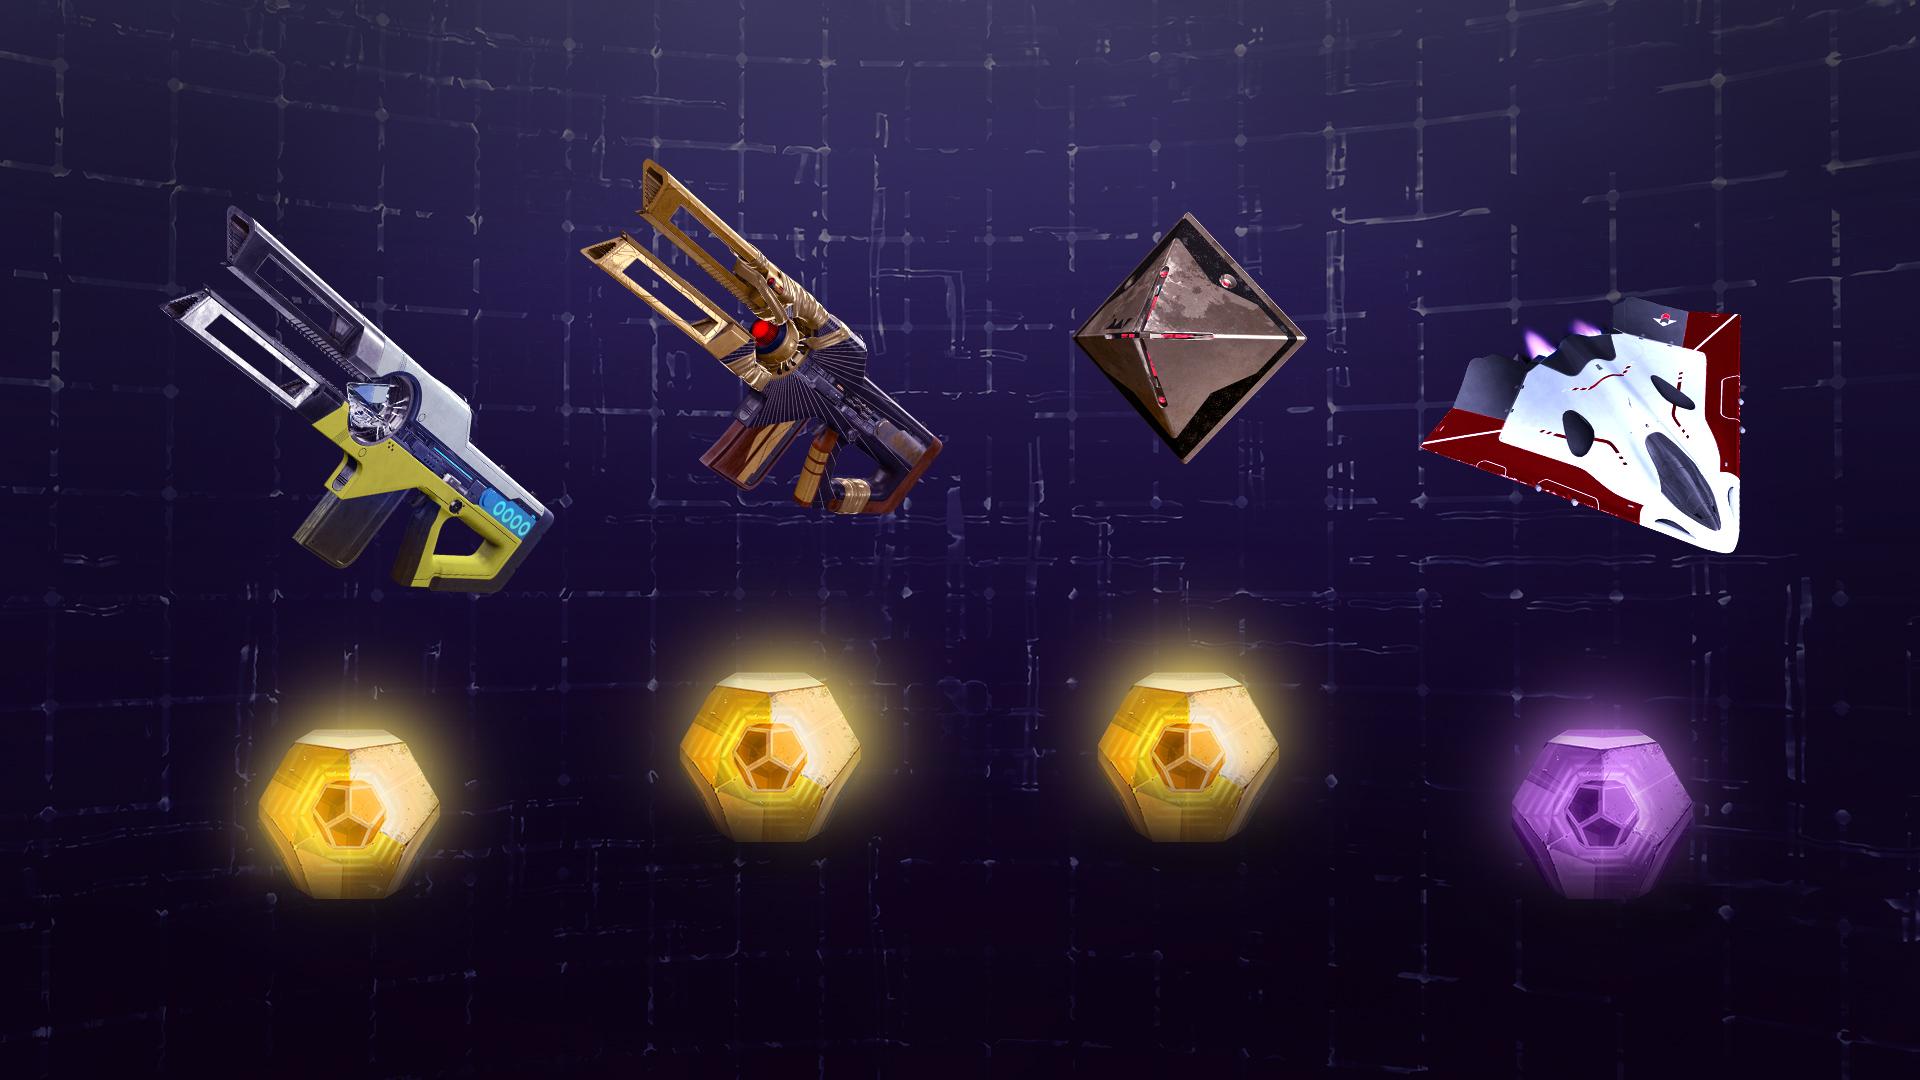 Destiny 2 Twitch Prime rewards